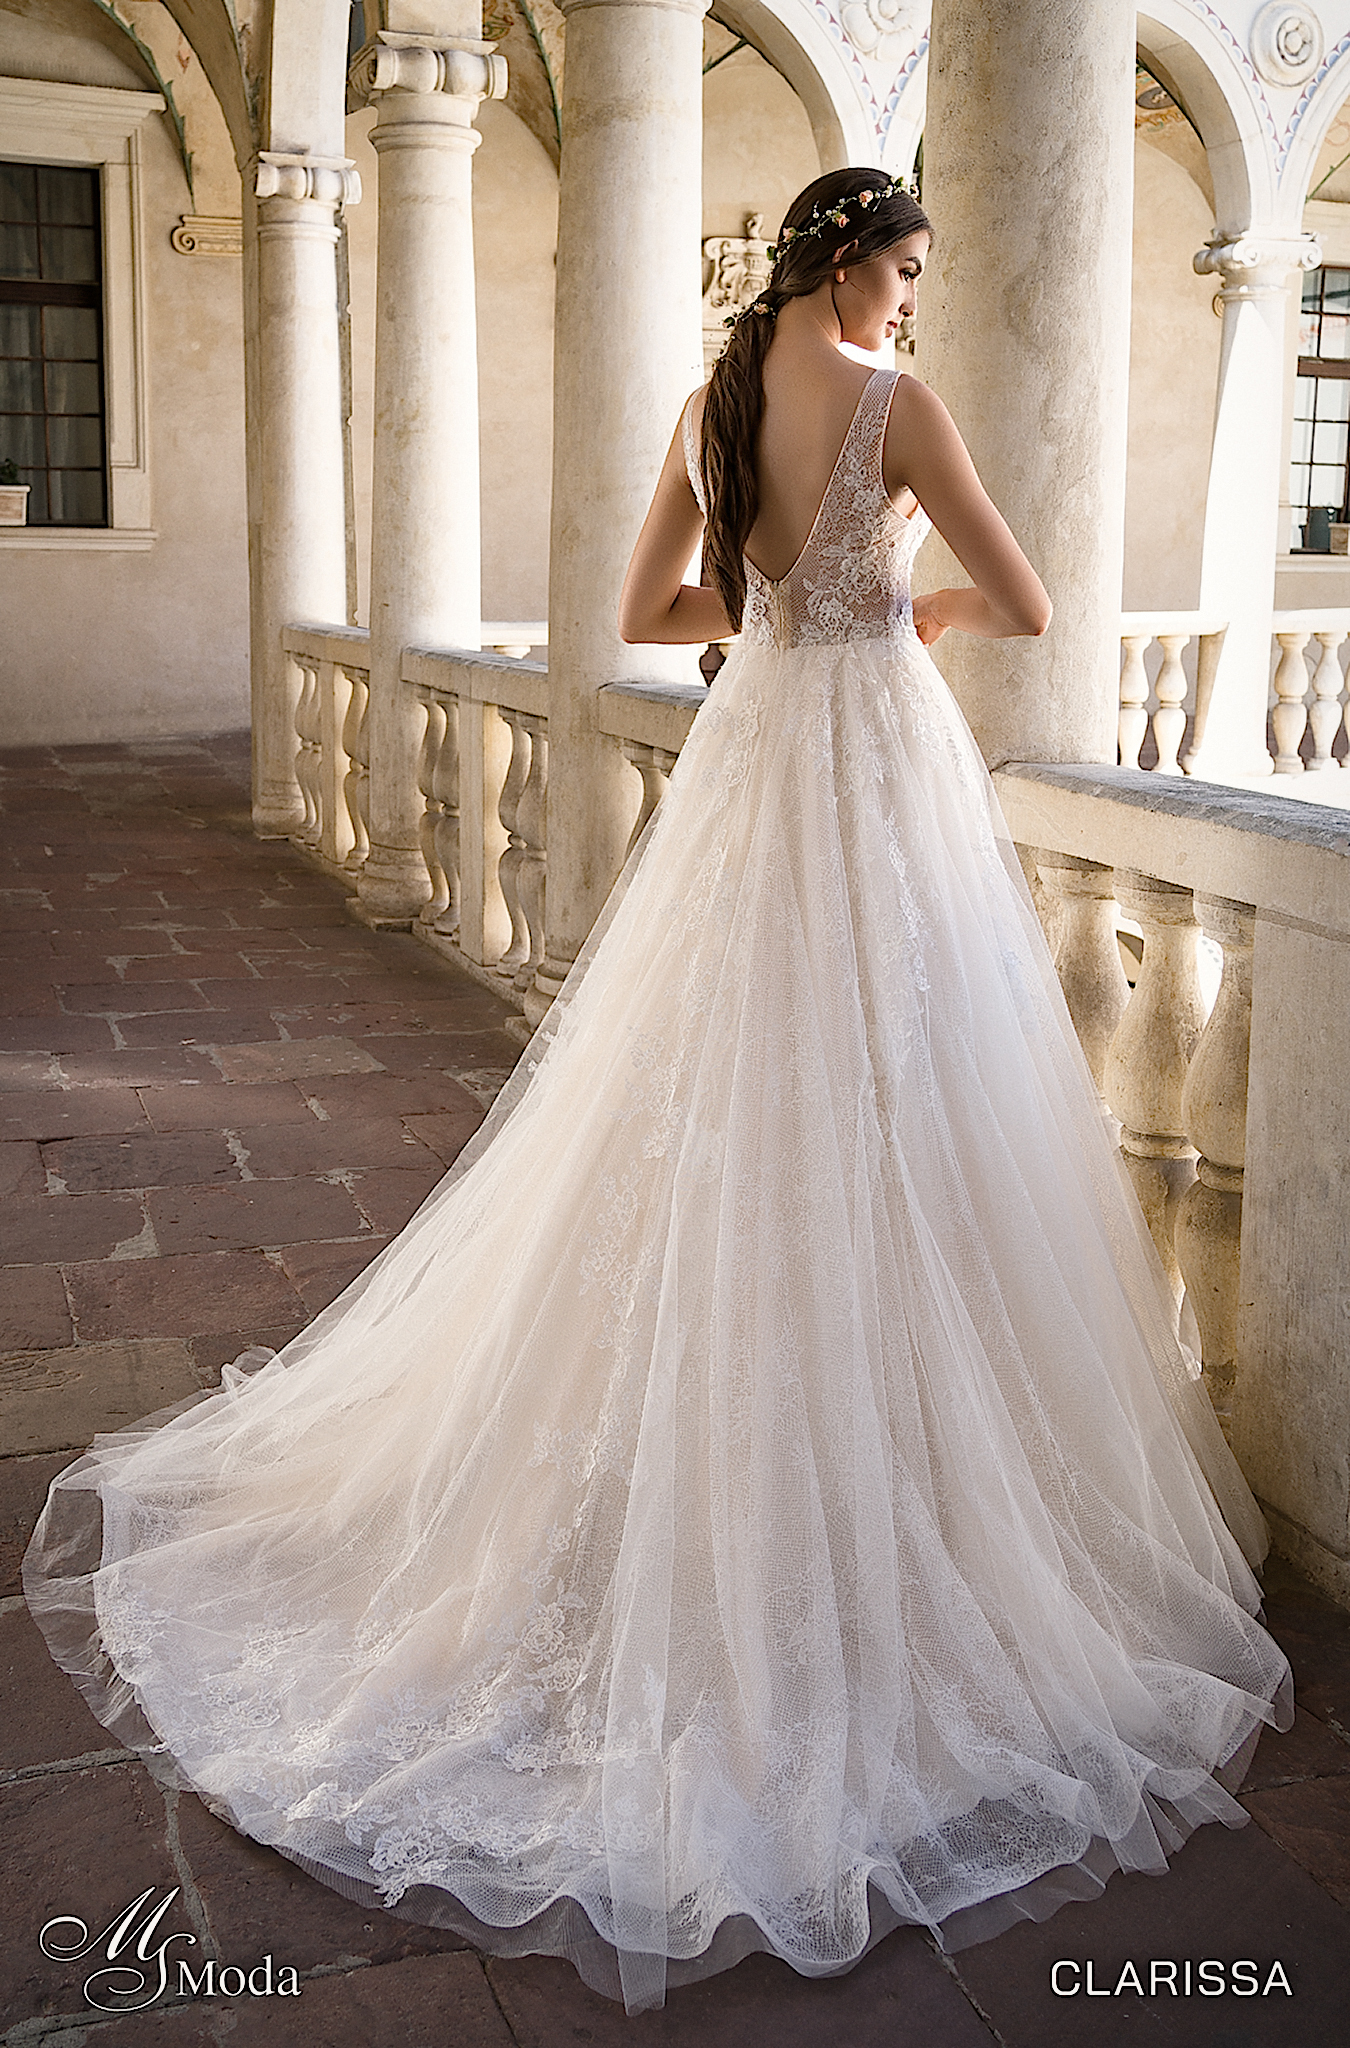 CLARISSA-MS Moda - Suknie ślubne